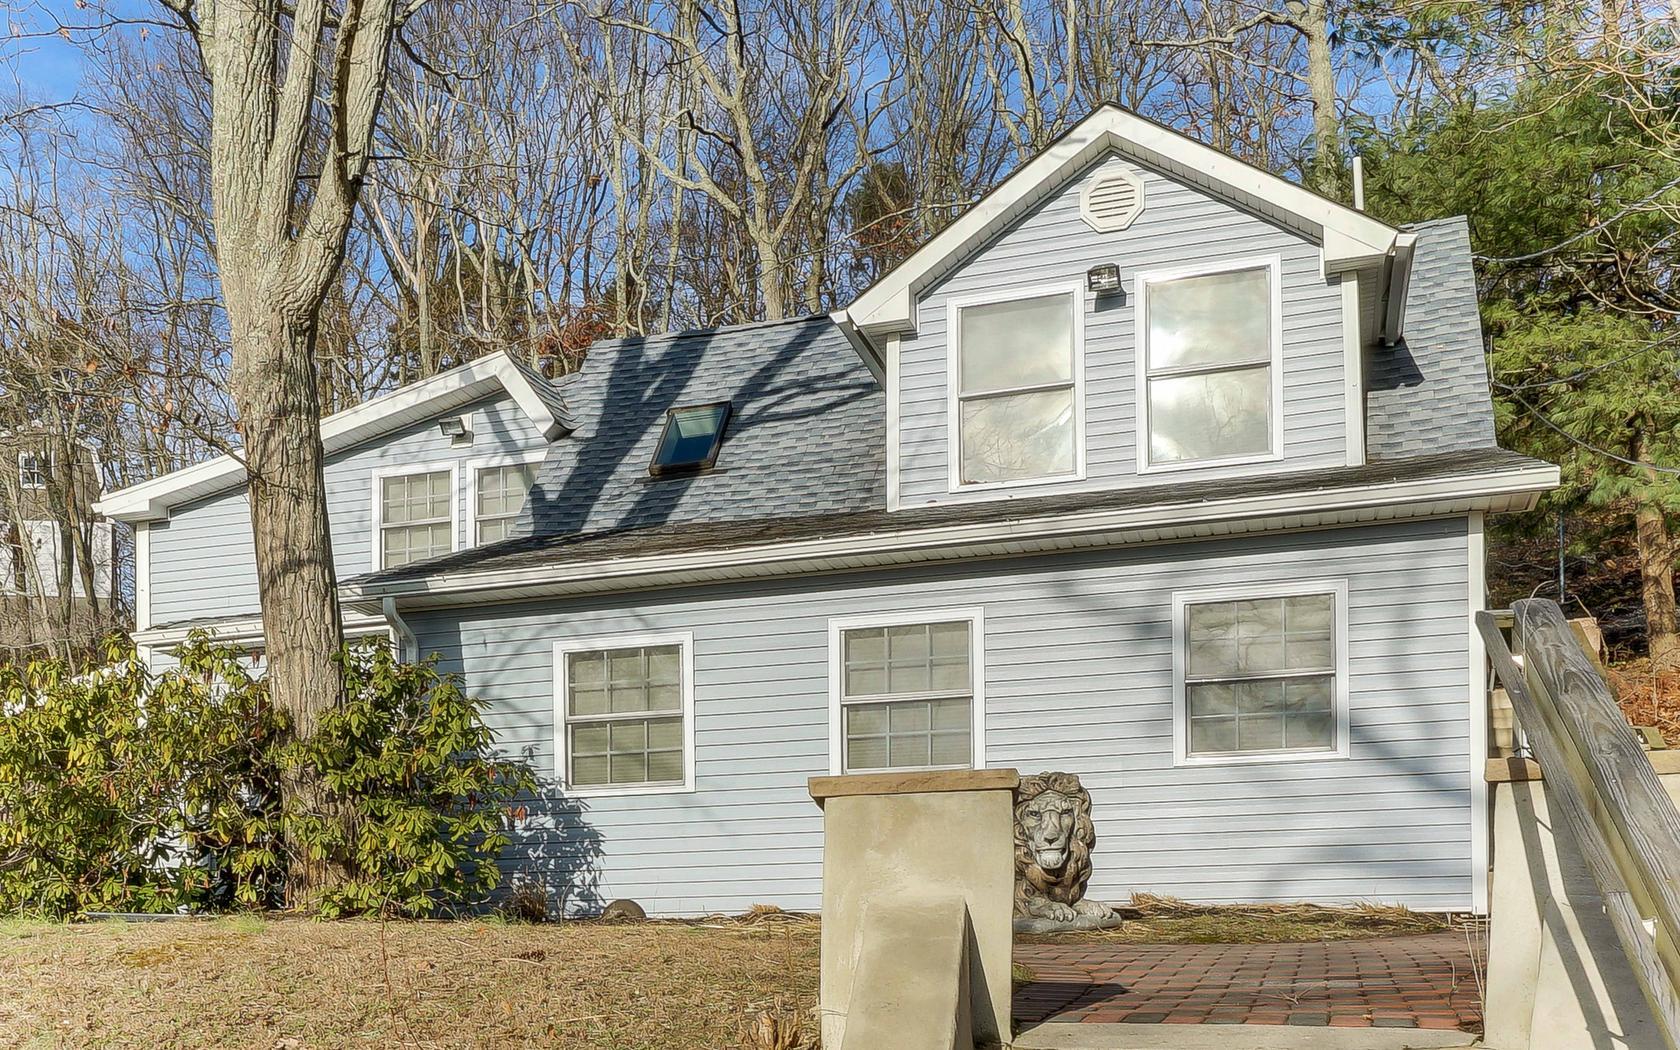 Maison unifamiliale pour l Vente à Shark River Hills Home 230 Hillside Drive Neptune, New Jersey 07753 États-Unis